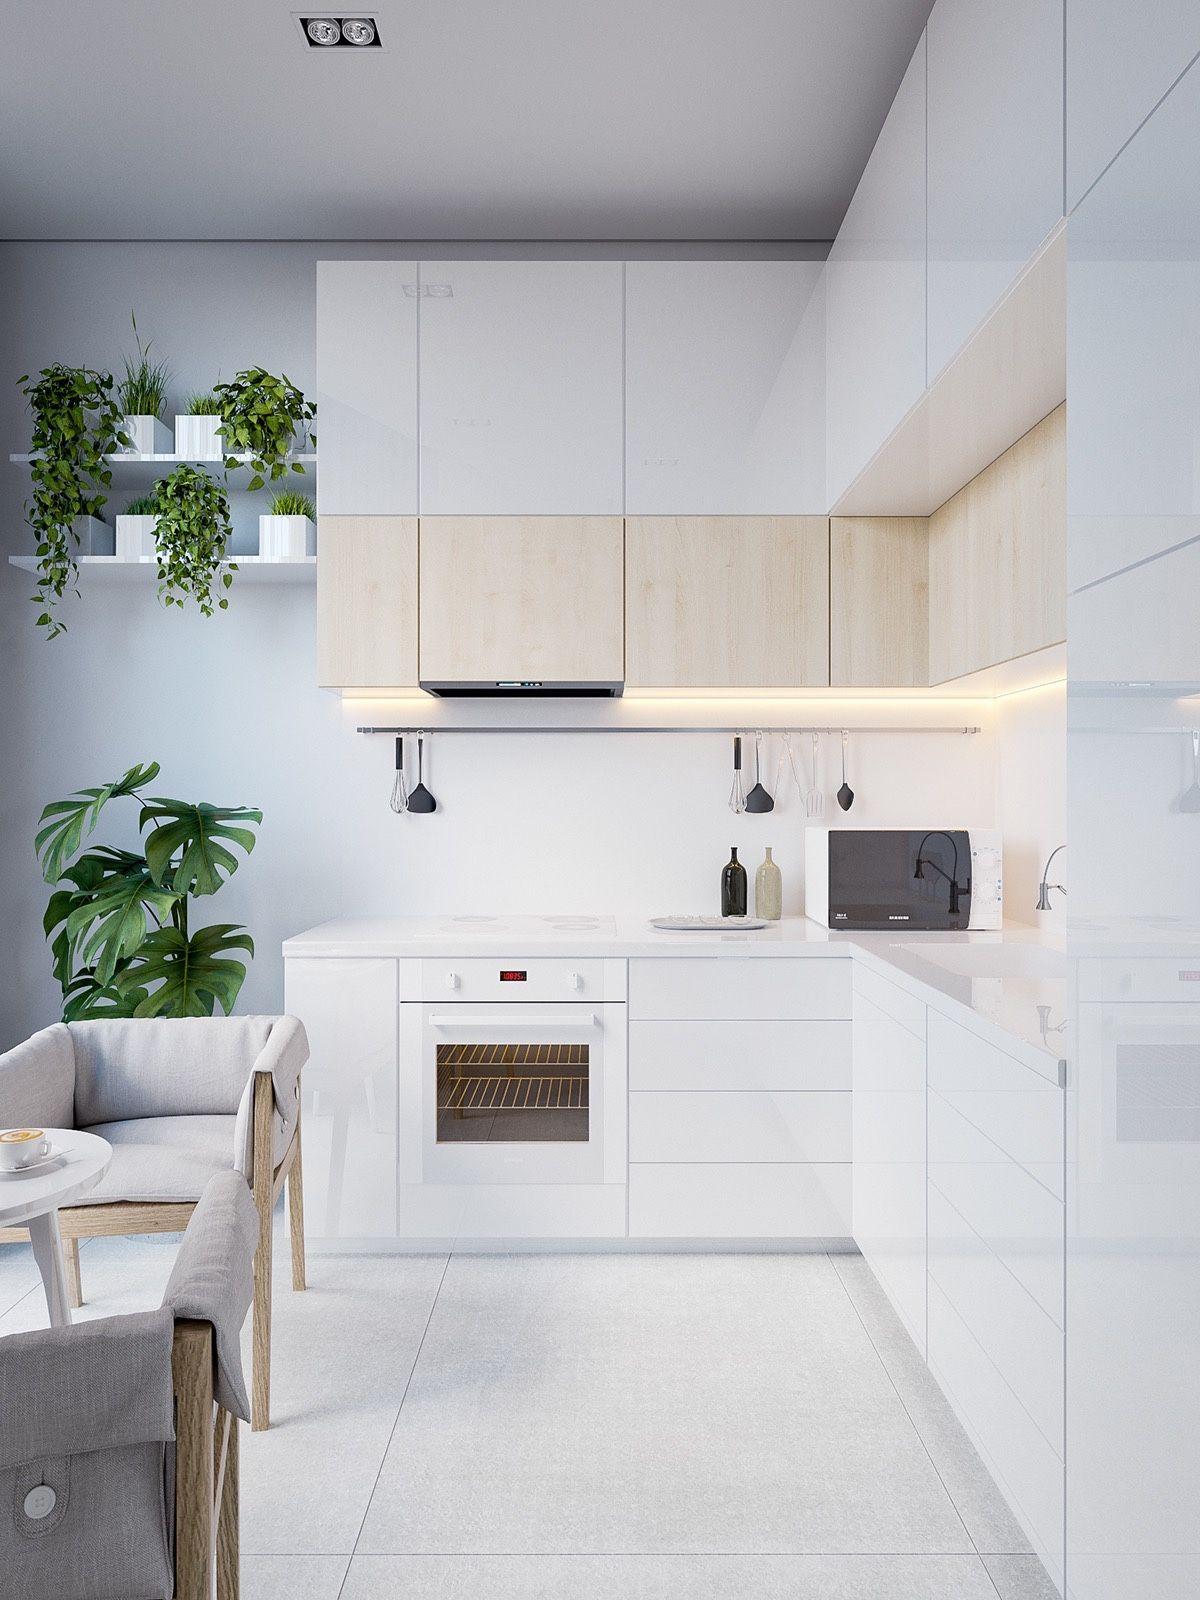 50 modern kitchen designs that use unconventional geometry minimalist kitchen design kitchen on kitchen ideas minimalist id=85449